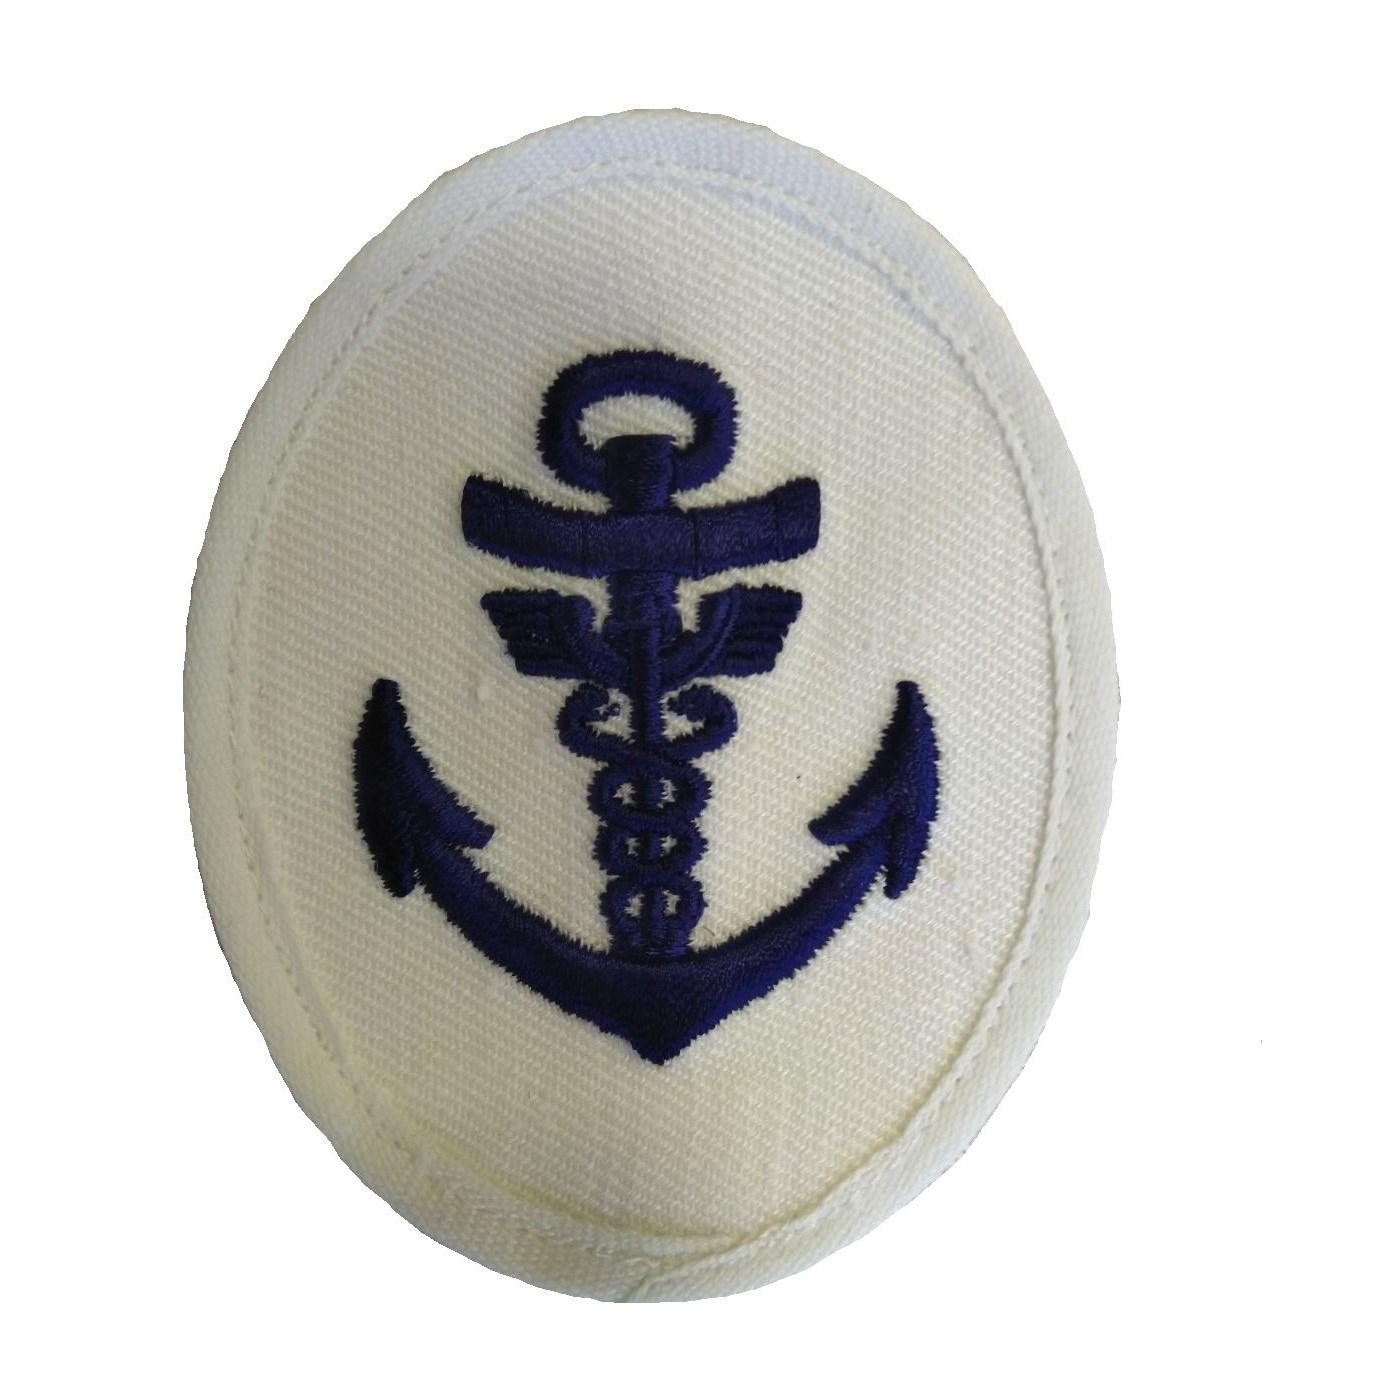 Nášivka námořních jednotek NVA ovál s kotvou, dva hadi BÍLÁ